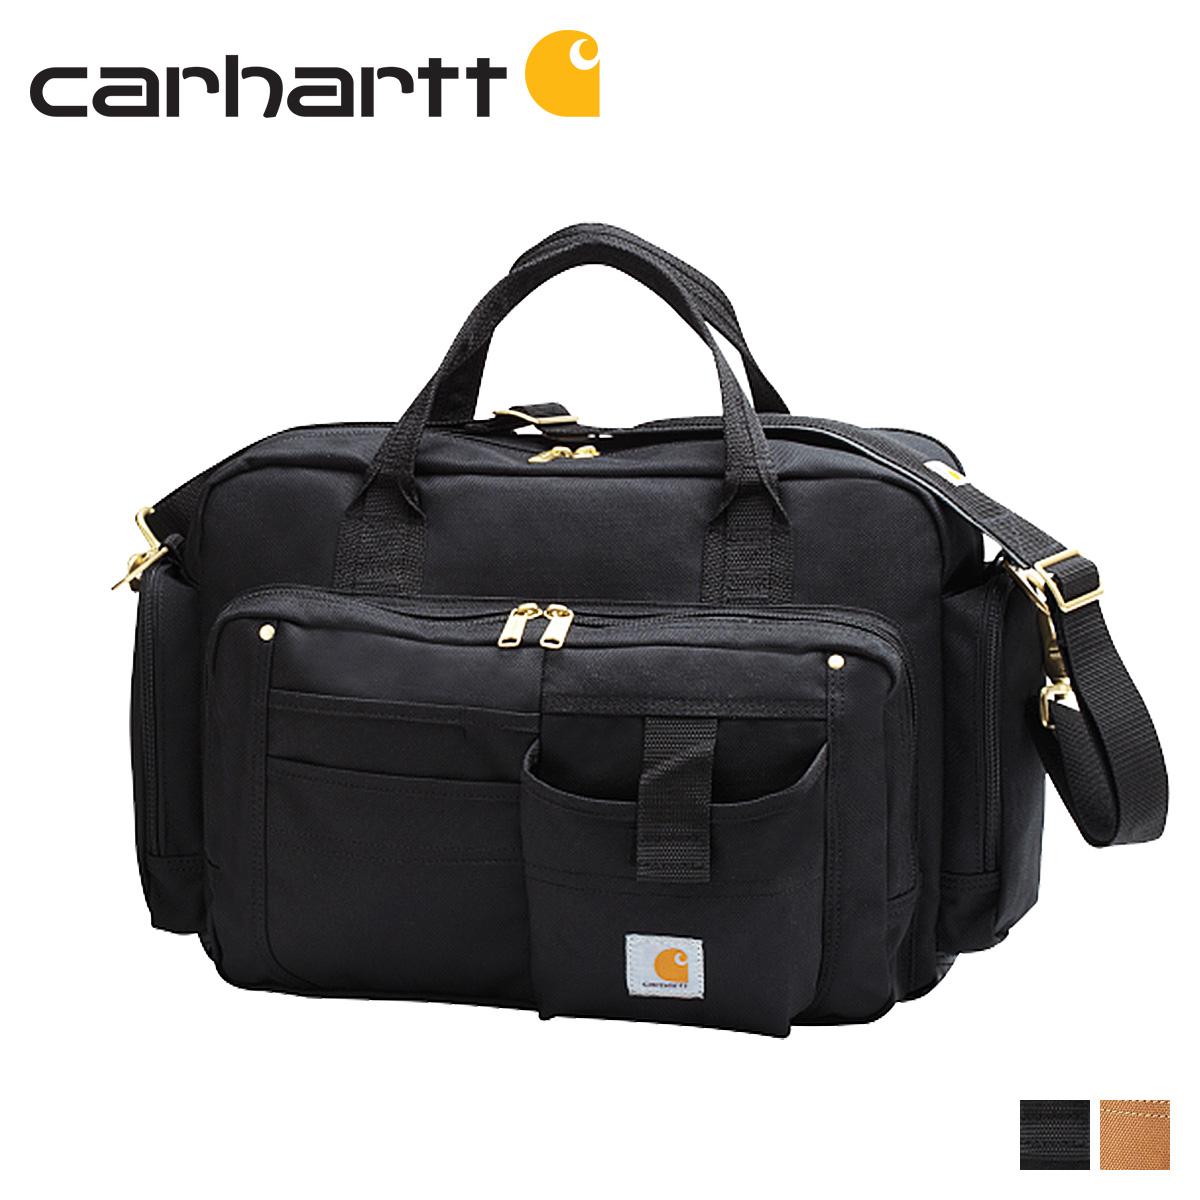 carhartt LEGACY DELUXE BRIEF BAG カーハート バッグ ブリーフケース メンズ レディース ブラック ブラウン 黒 100431